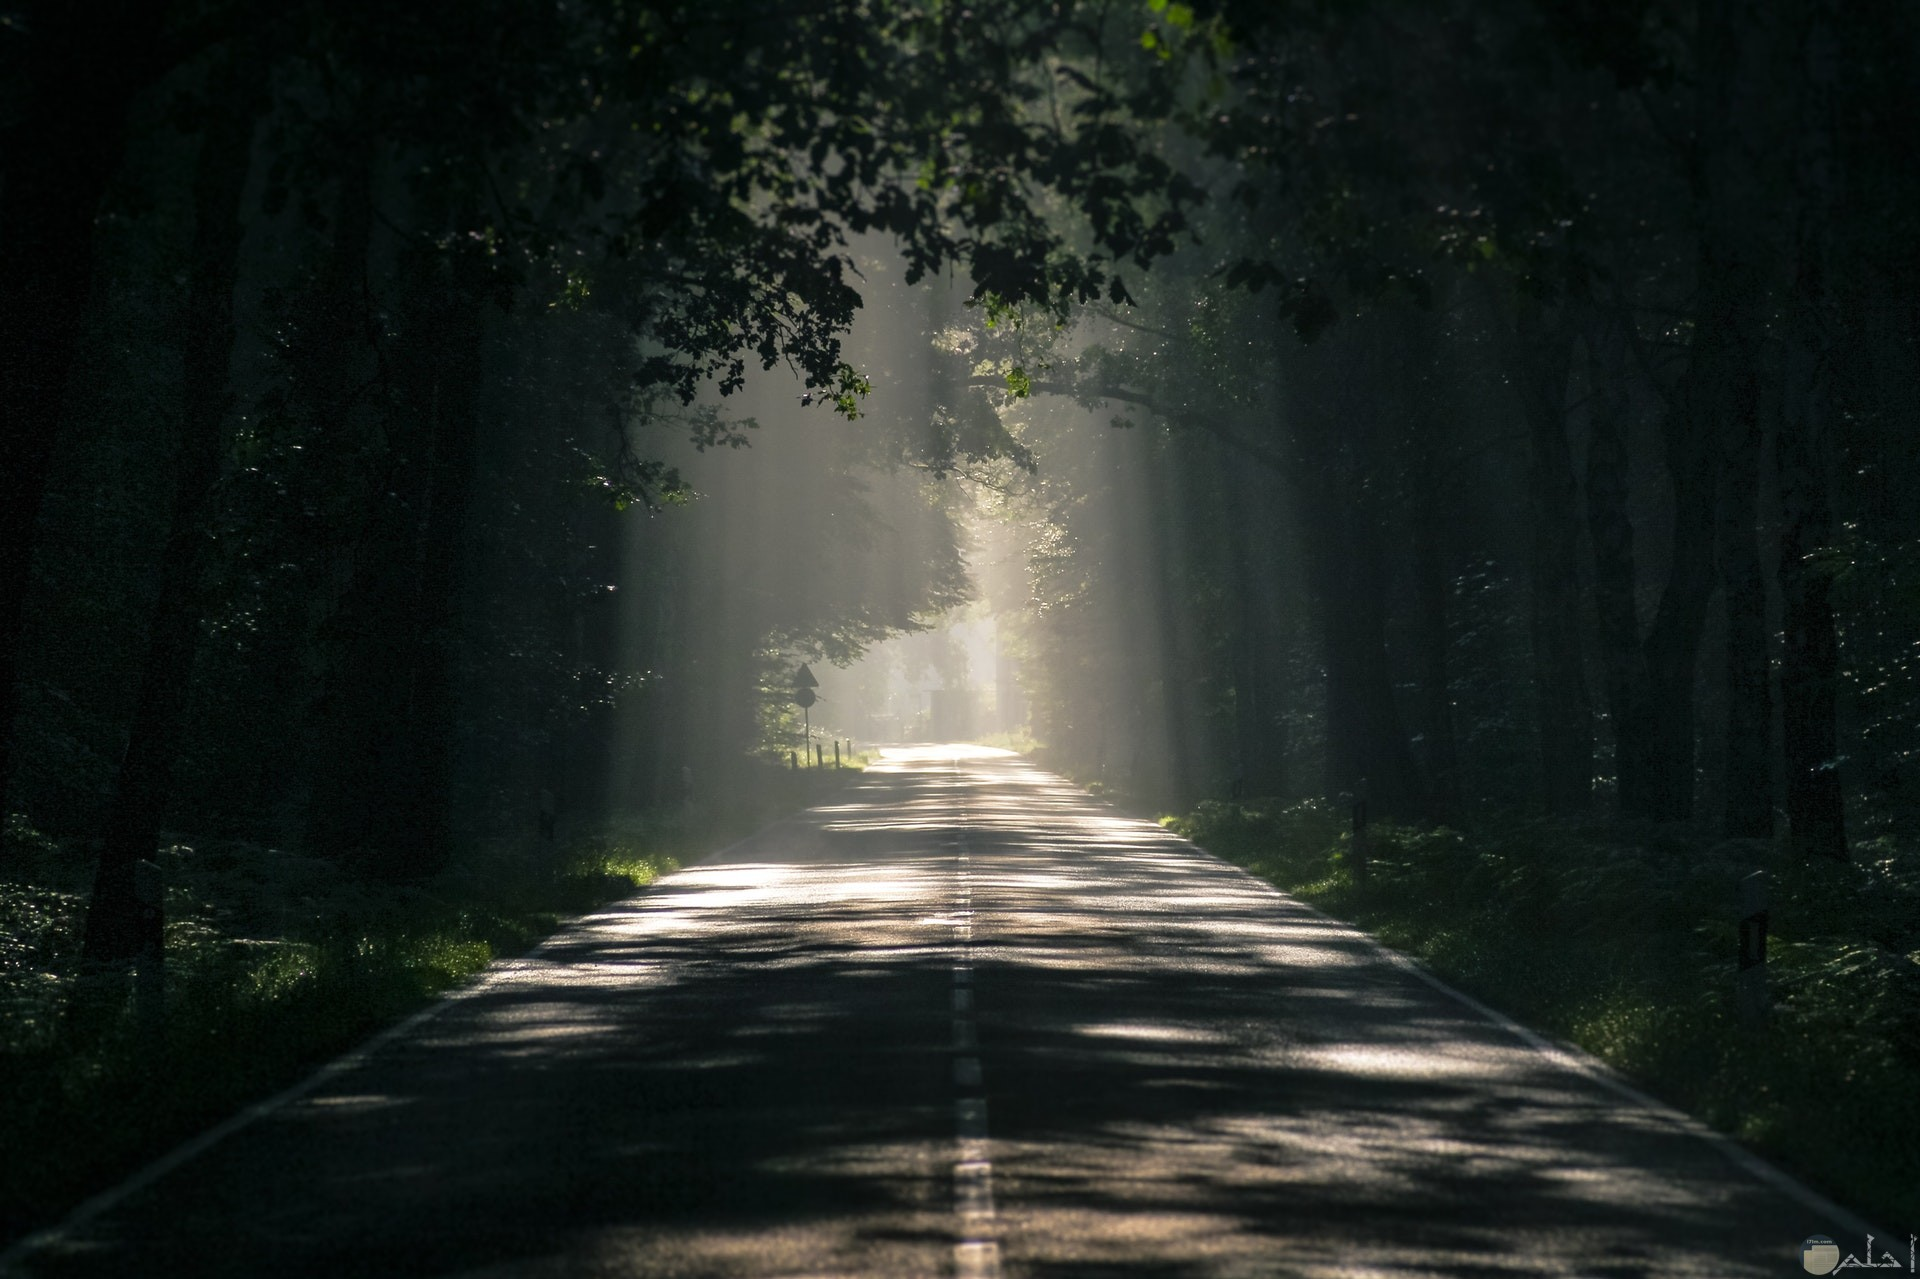 صورة مميزة لطريق في الغابة تحيطه الأشجار من الجانبين